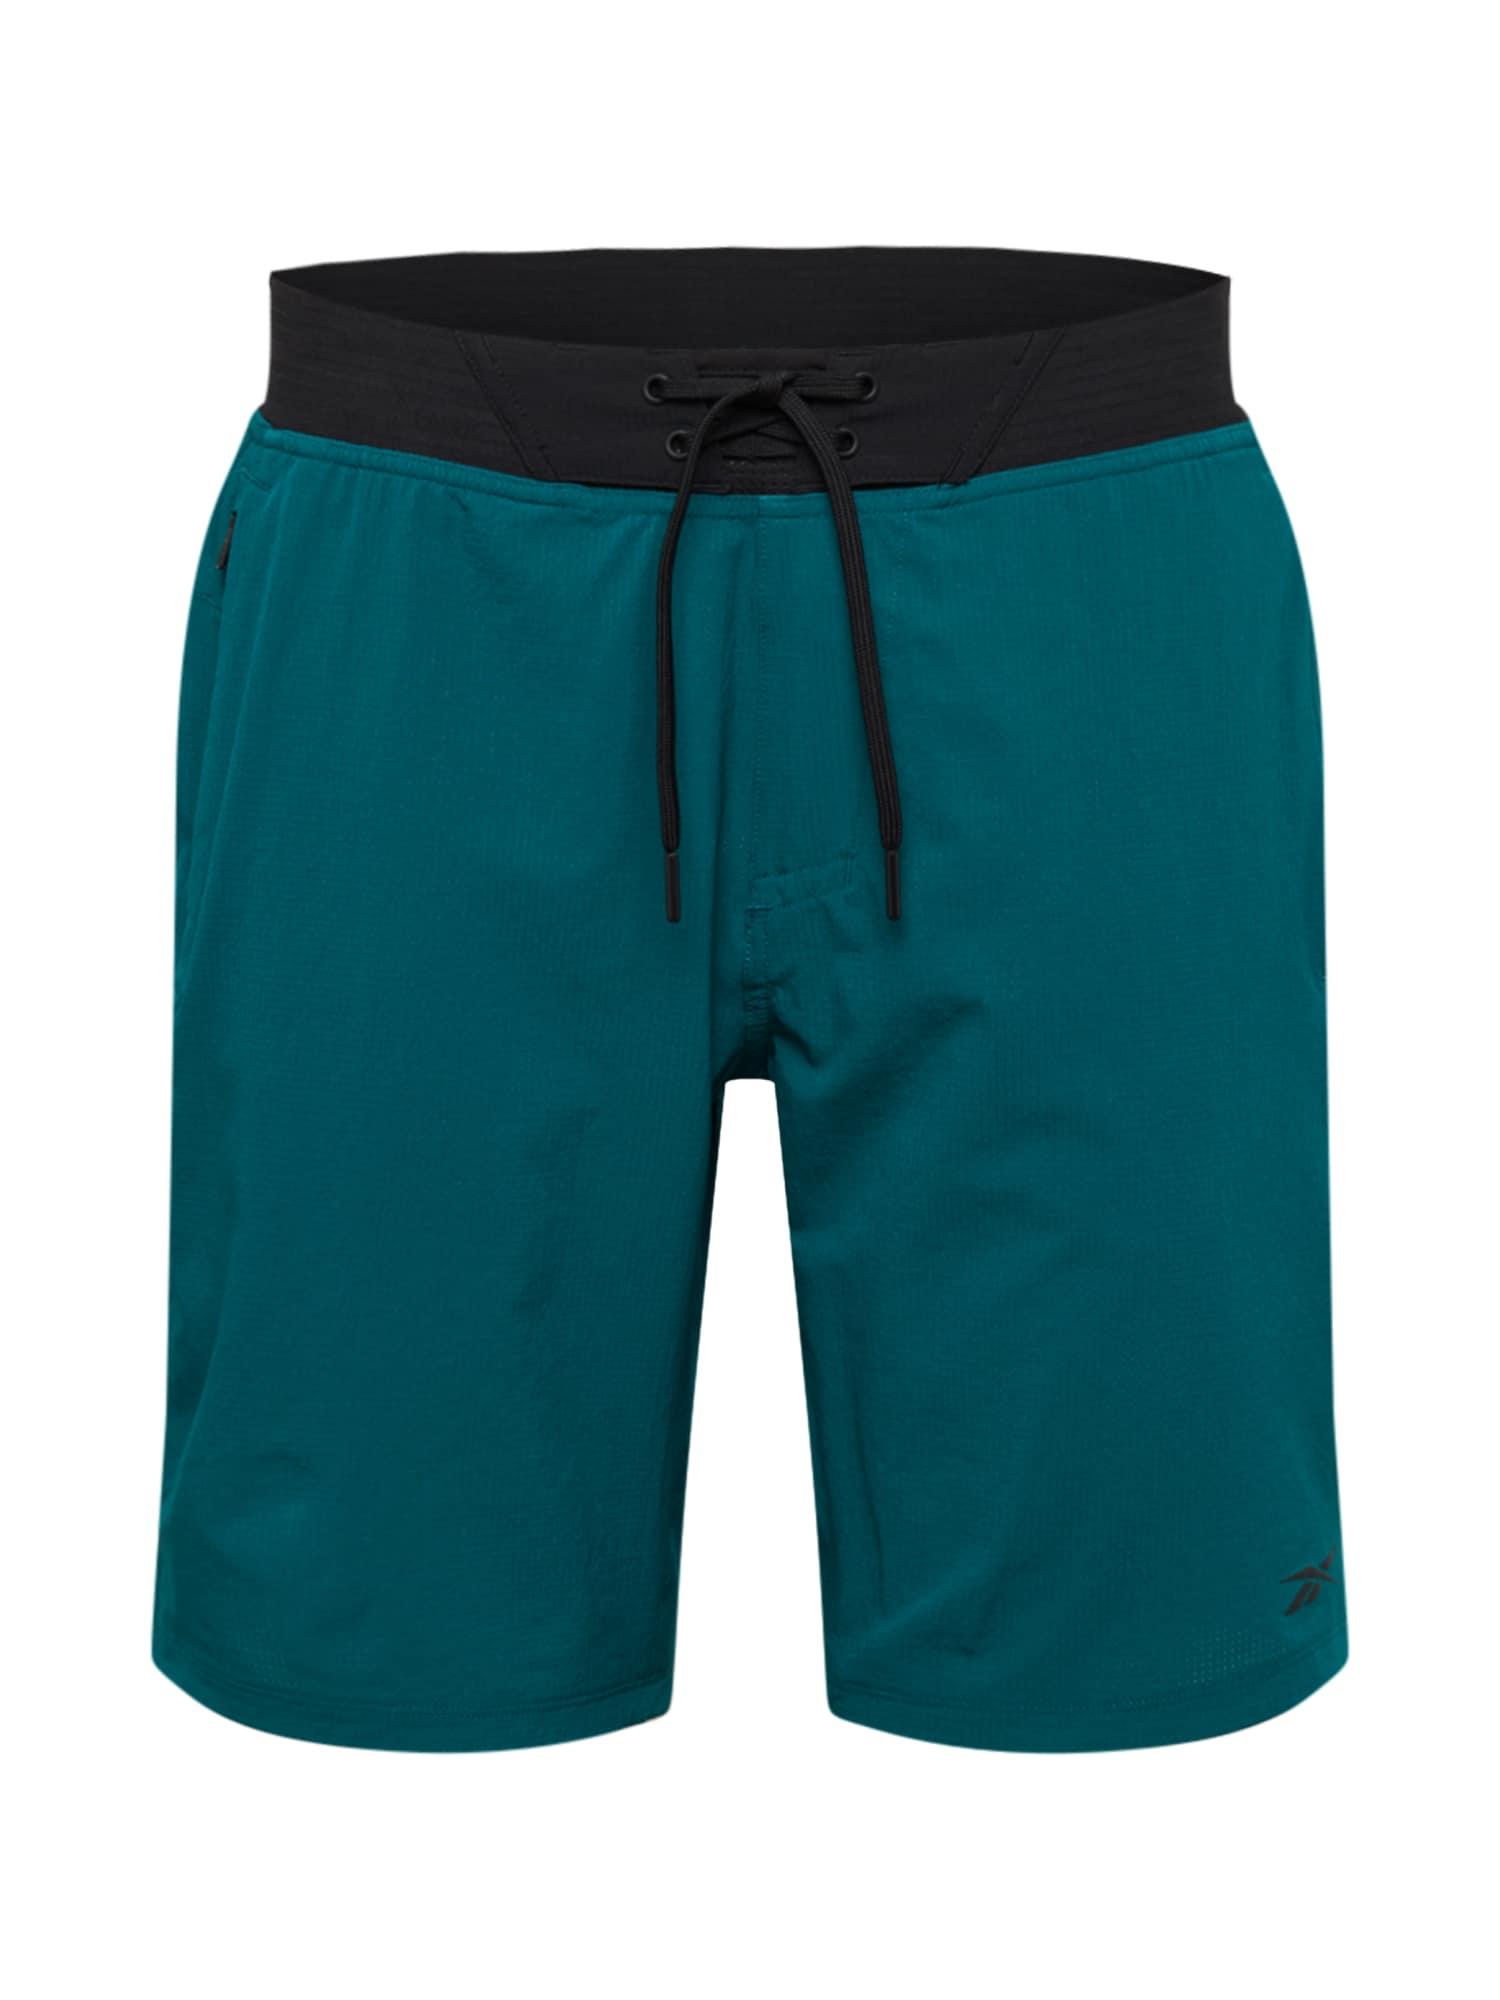 REEBOK Sportinės kelnės pastelinė mėlyna